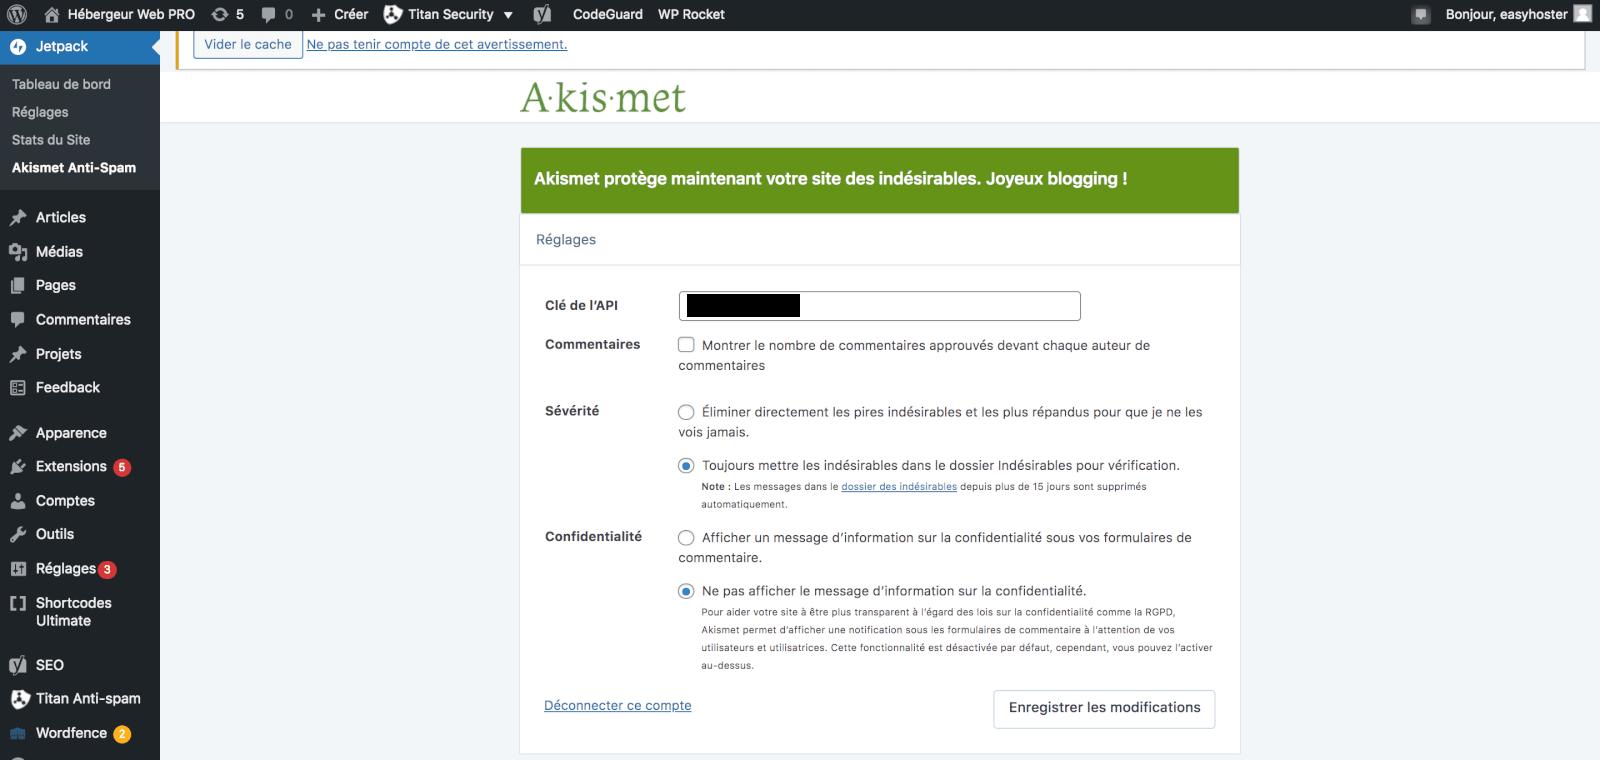 Akismet plugin indispensable pour empêcher les spams en commentaire